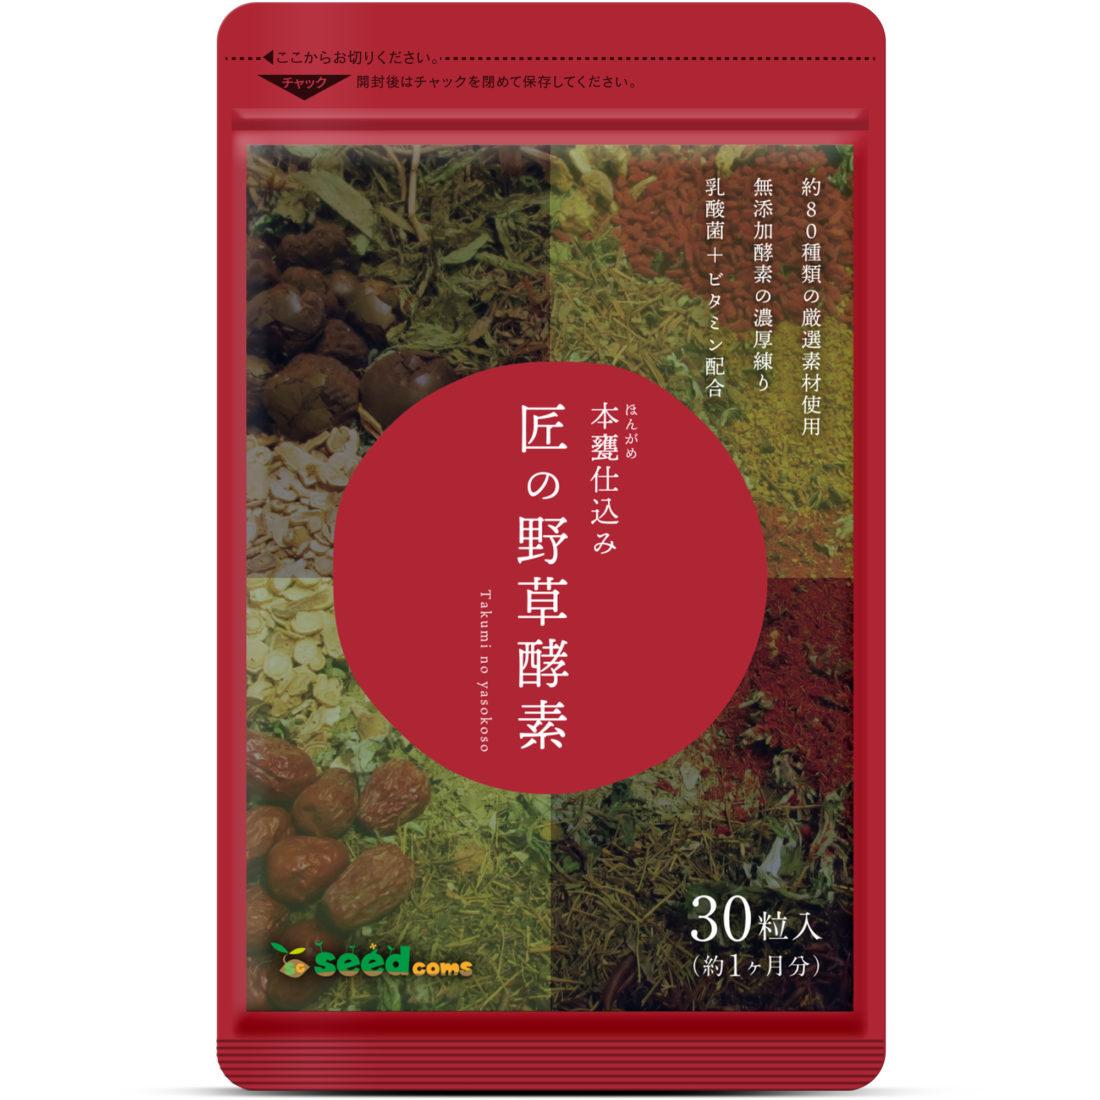 匠の野草酵素 シードコムス seedcoms